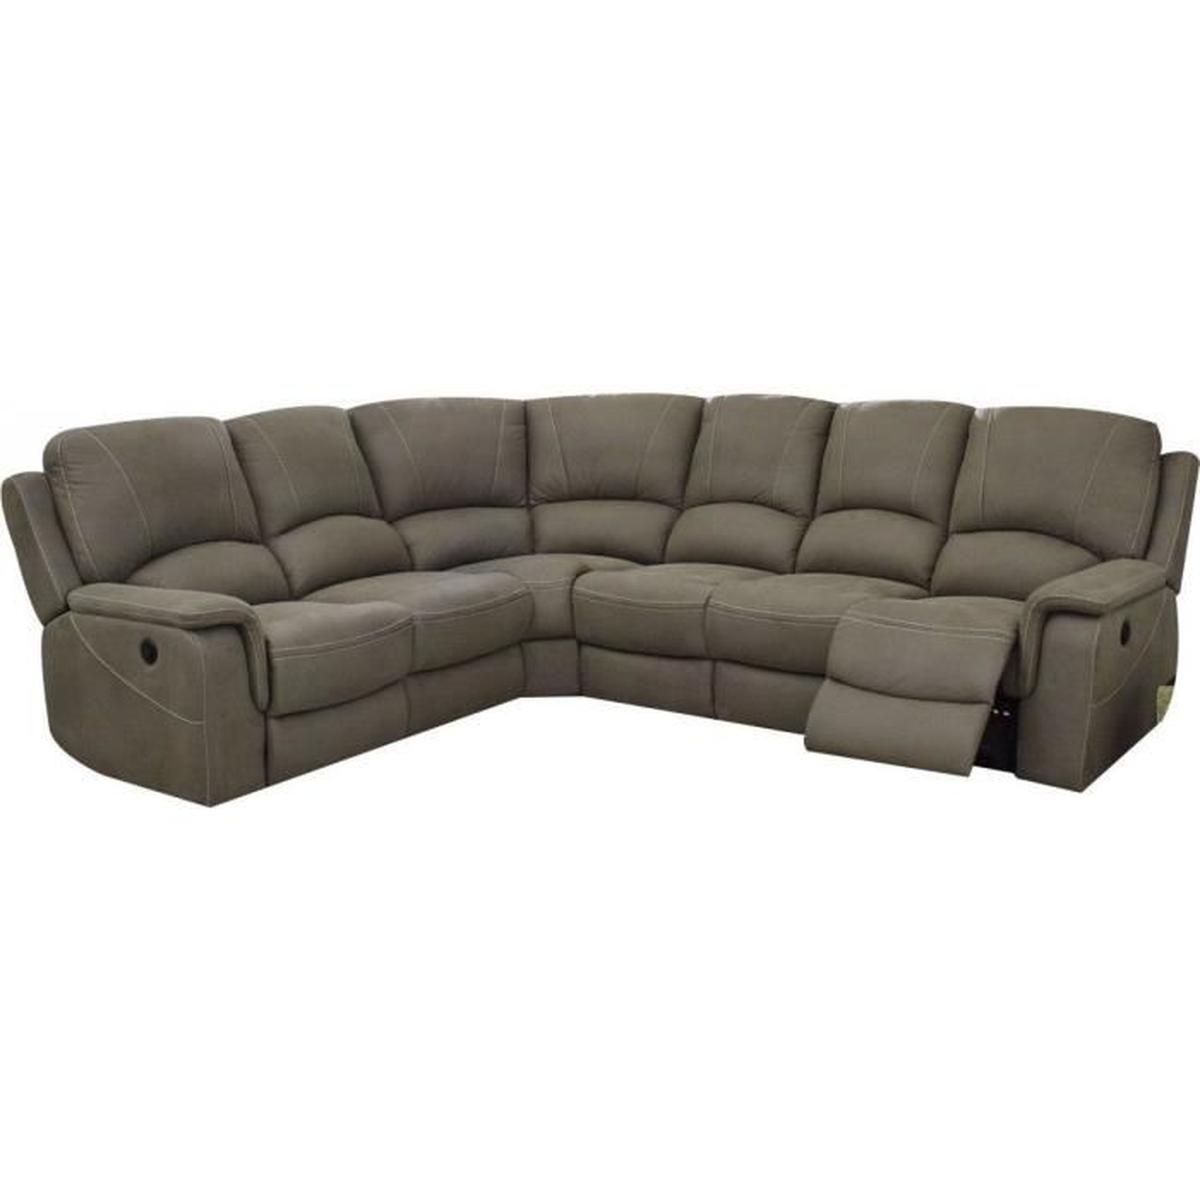 Canapé d angle réversible contemporain 6 places en tissu